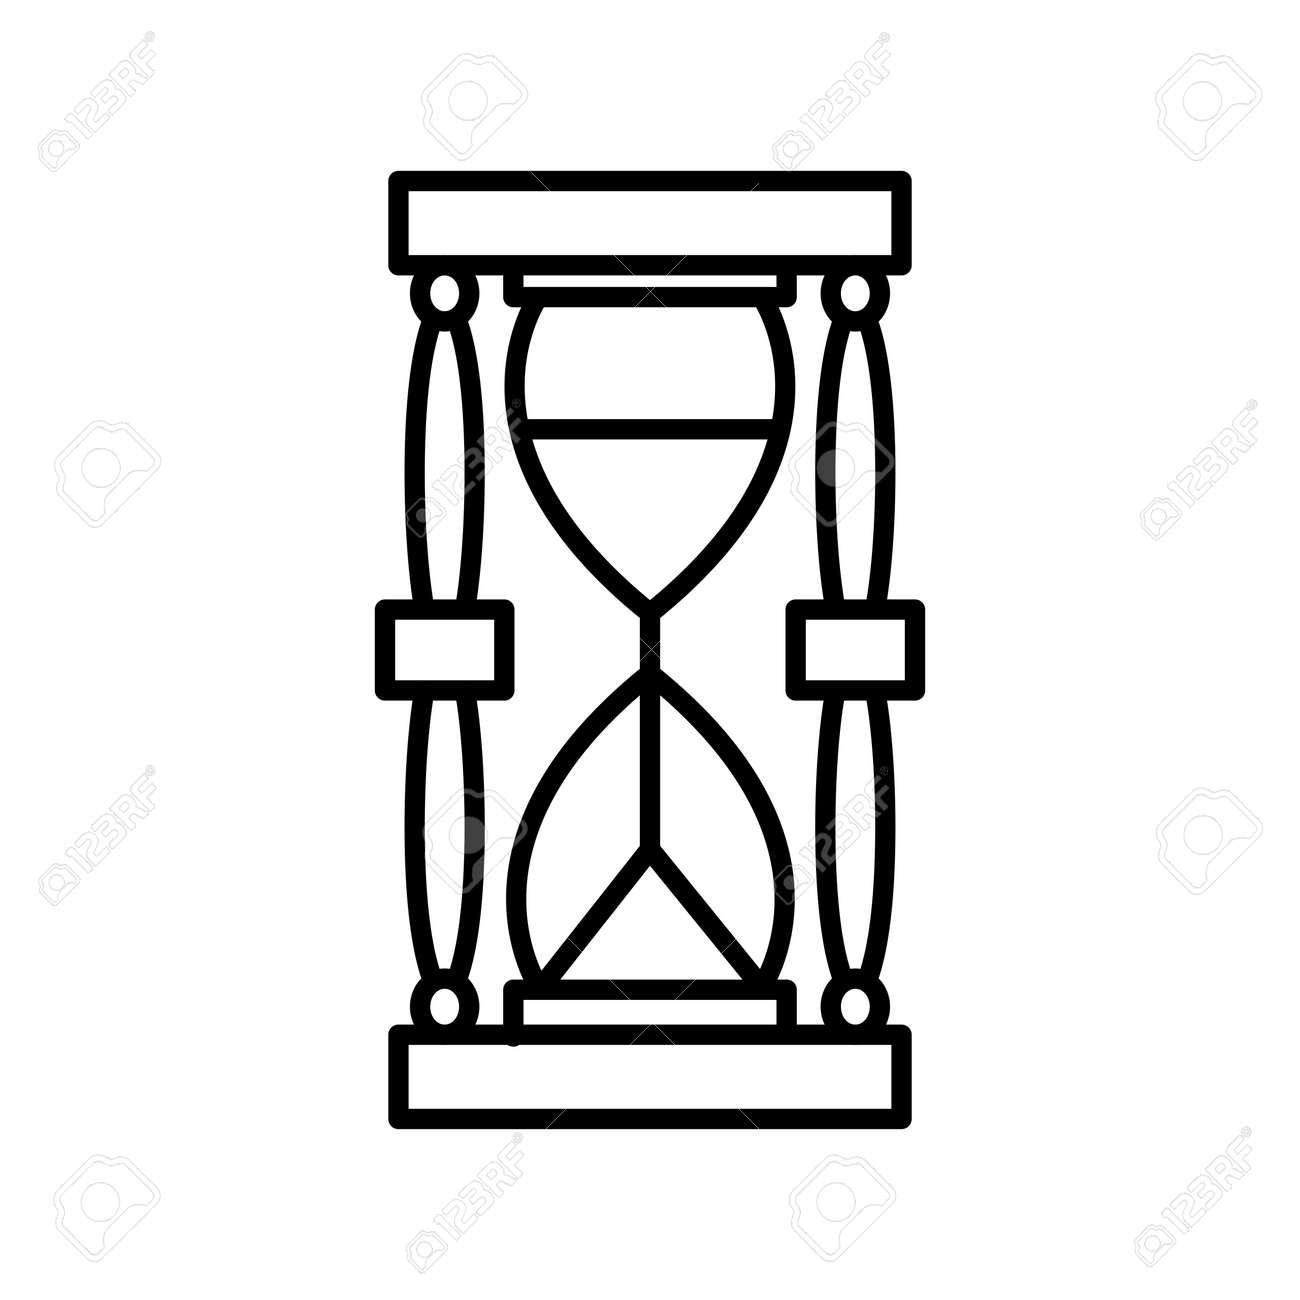 Unique Sand Glass Line Vector Icon - 167962609